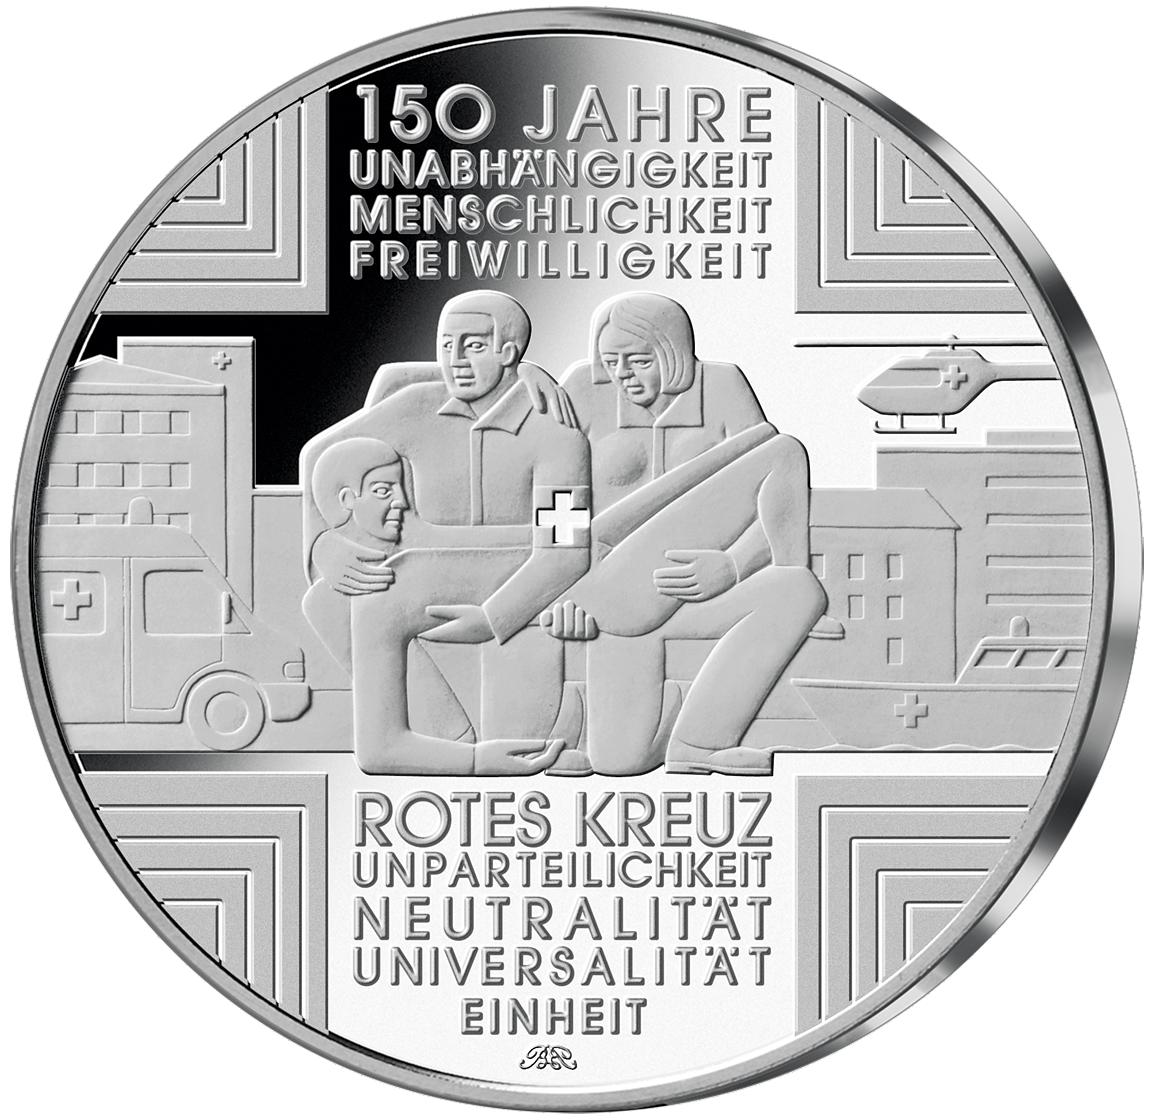 10 Euro Silber Münze Bauhaus Dessau 2004 10 Euro Münzen Euro